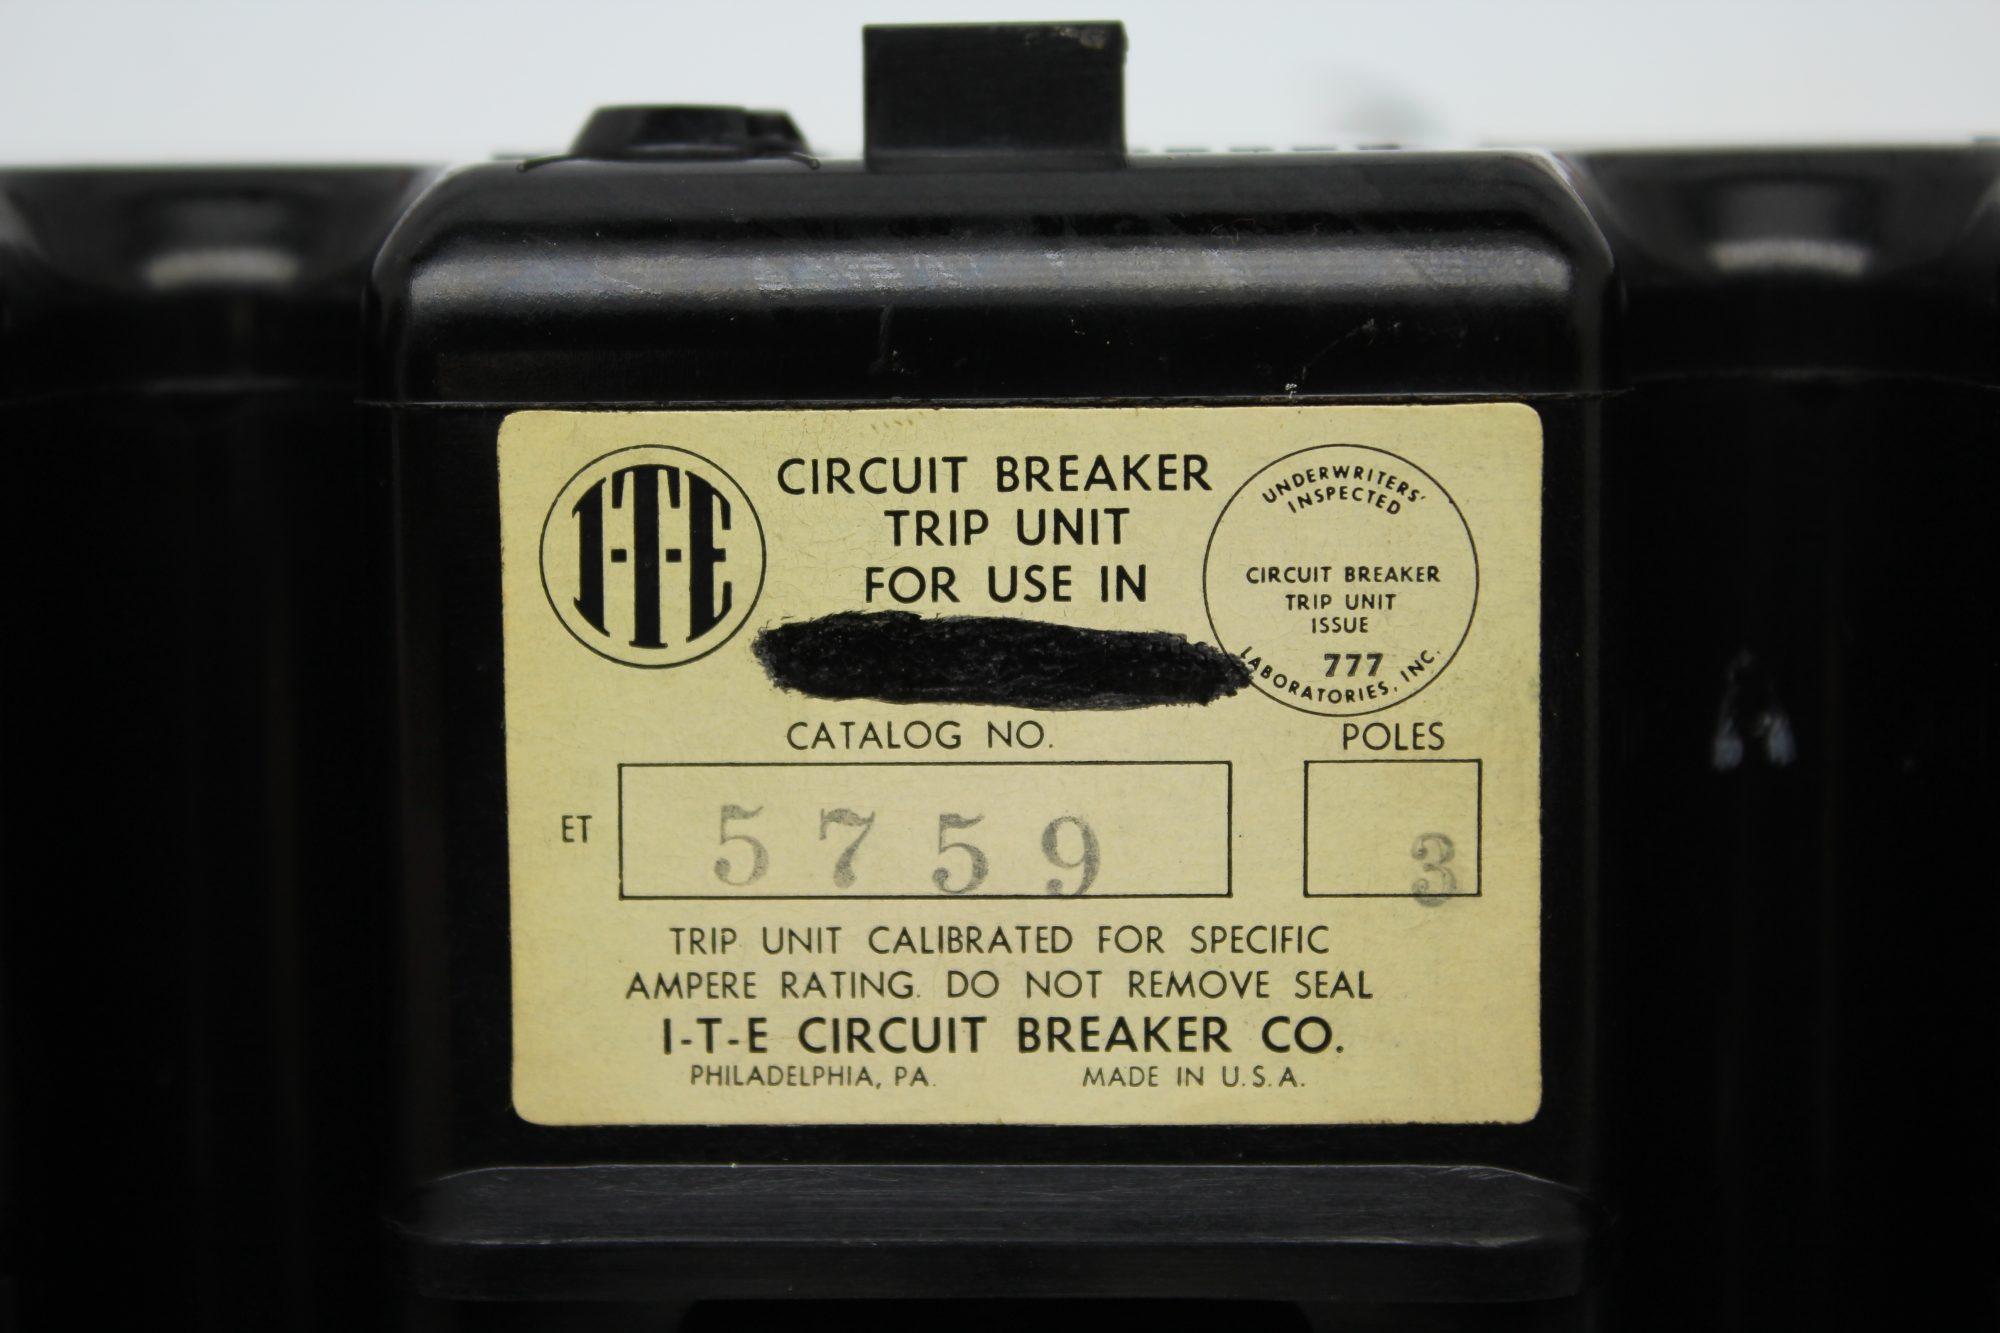 Siemens I T E Circuit Breaker Cat No 5759 3 Pole 400 Amp Details About 5sx21 C5 230 400v 5